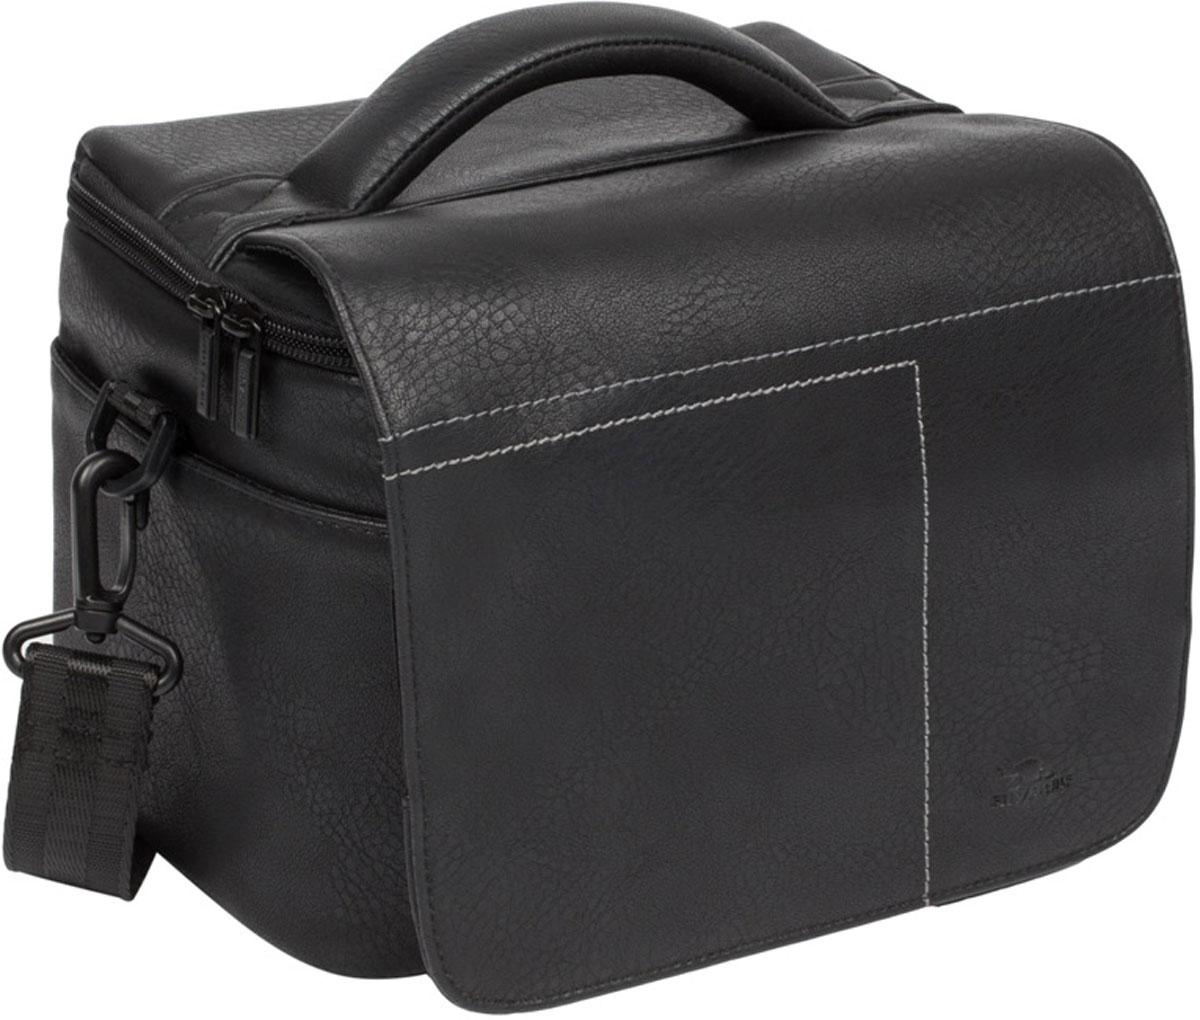 Riva 7613 SLR Case, Black сумка для зеркальной фотокамеры - Сумки и рюкзаки